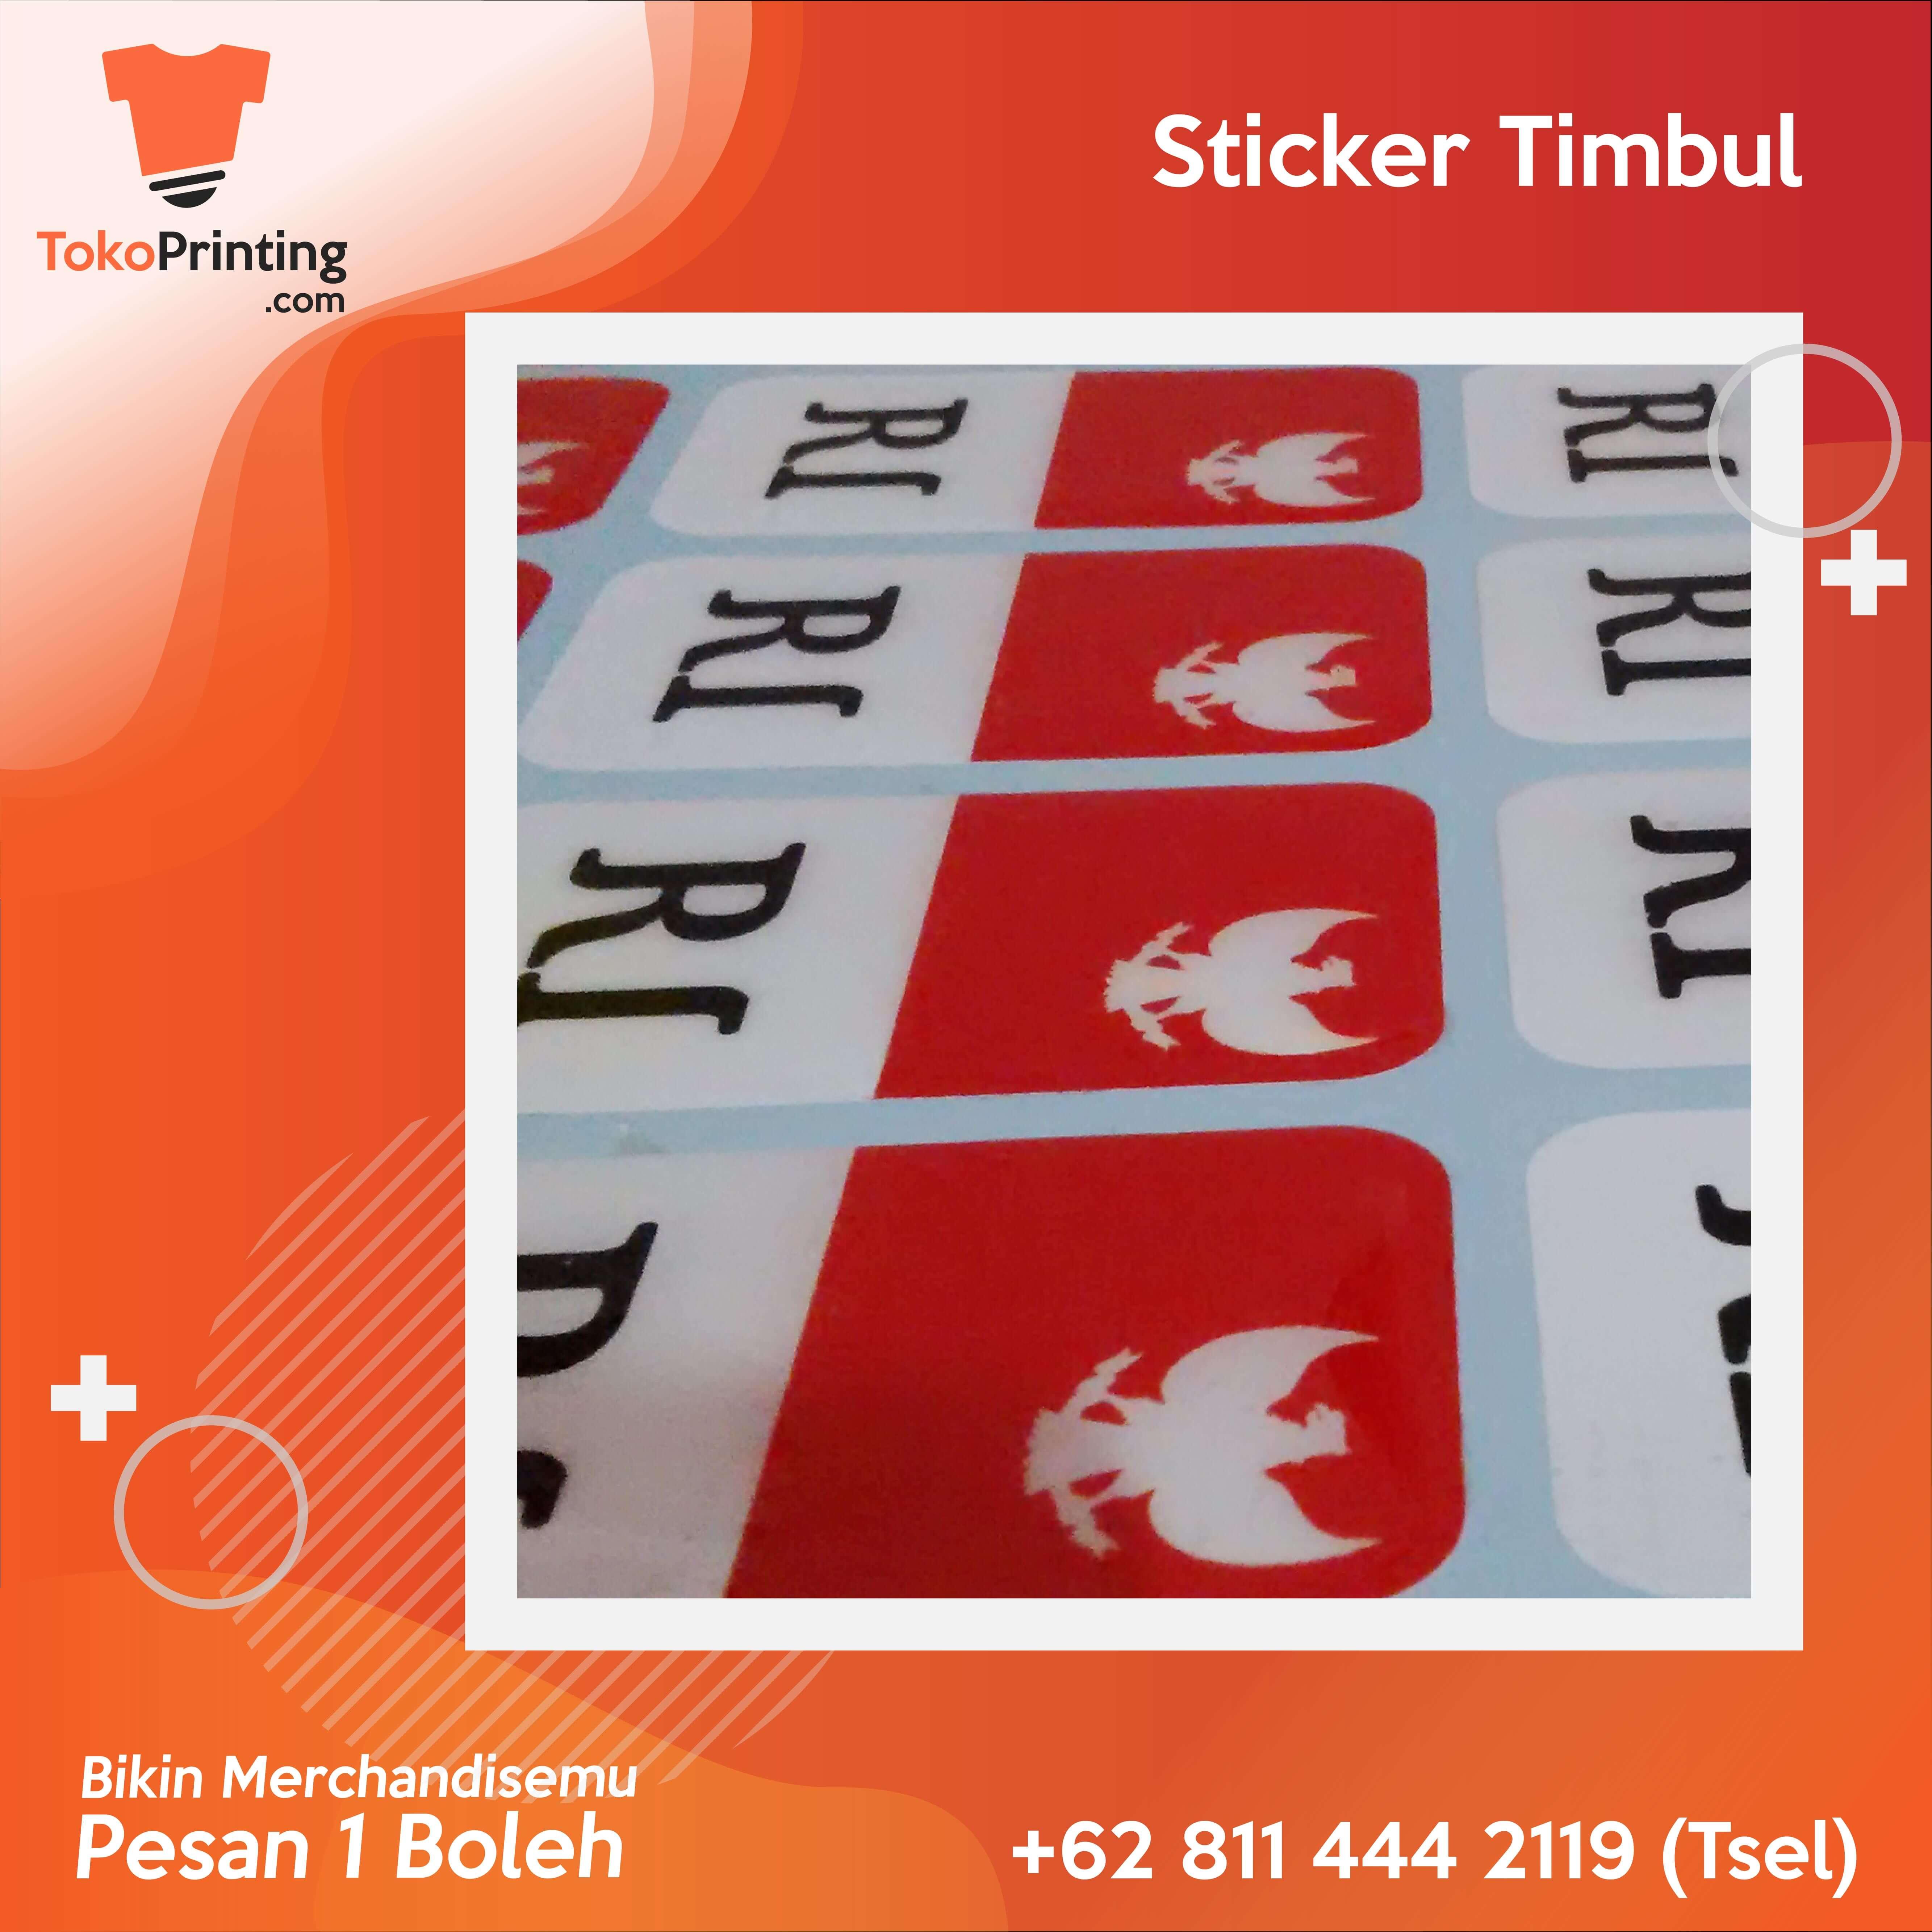 Sticker Timbul Makassar